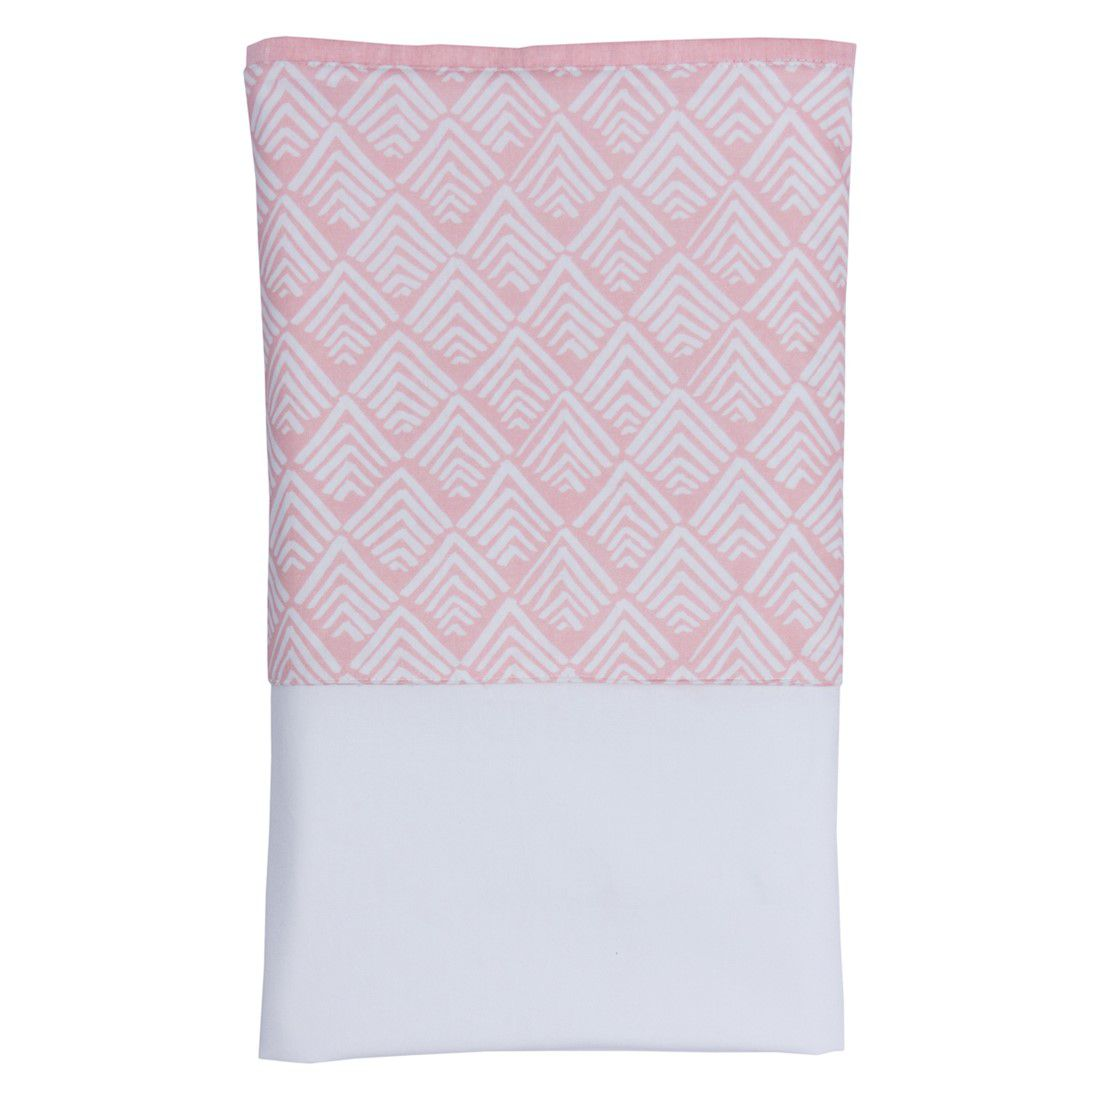 Lençol branco com vira oca rosa chá